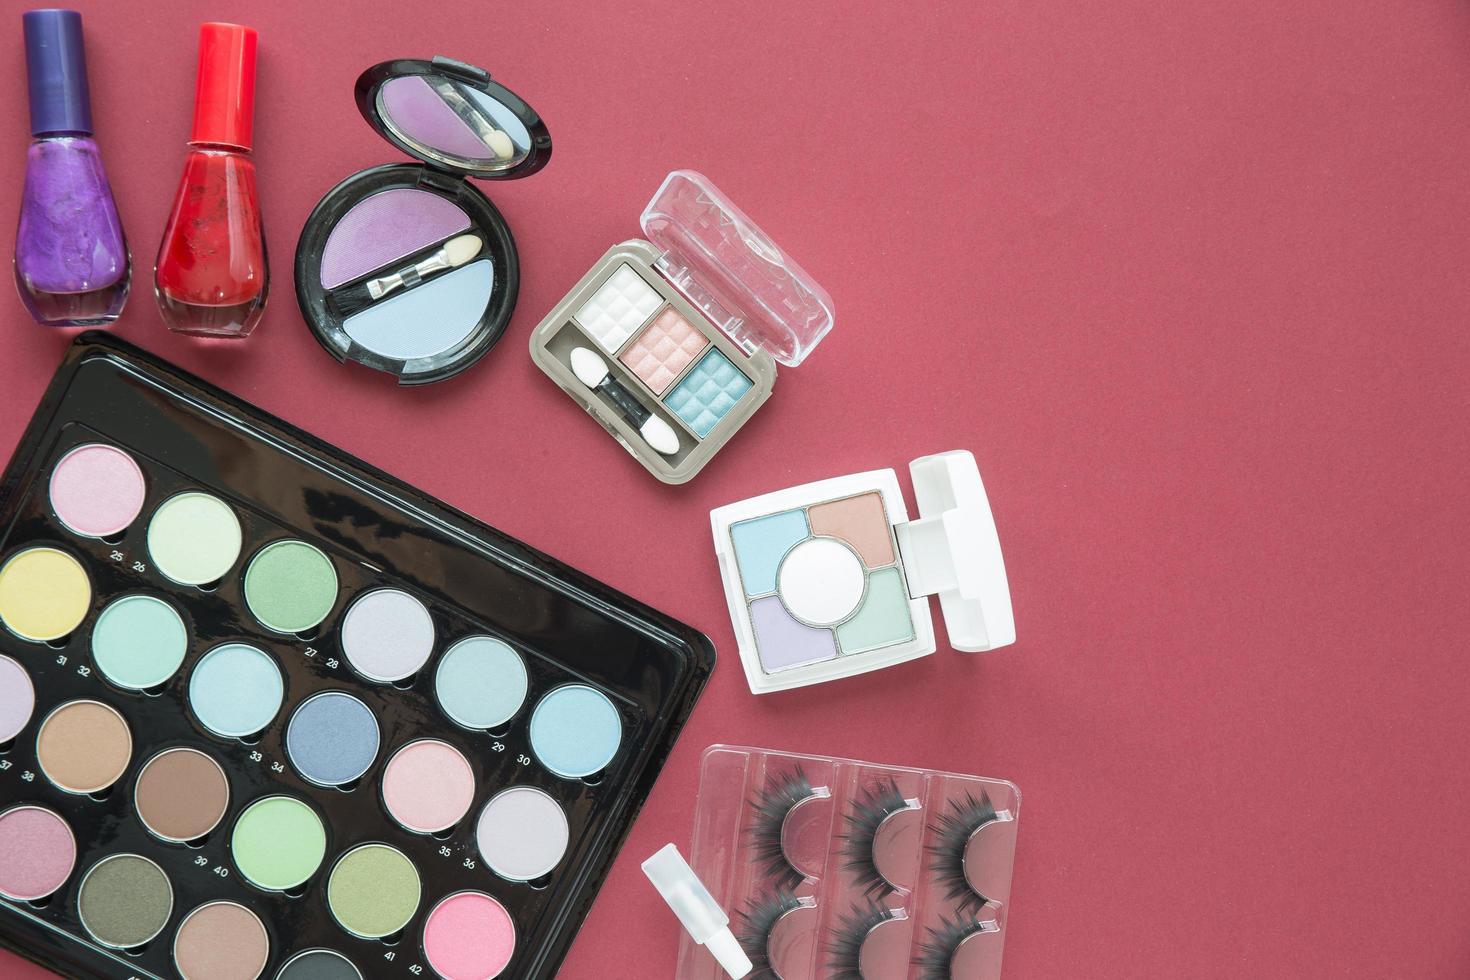 vue de dessus du maquillage de beauté cosmétique photo